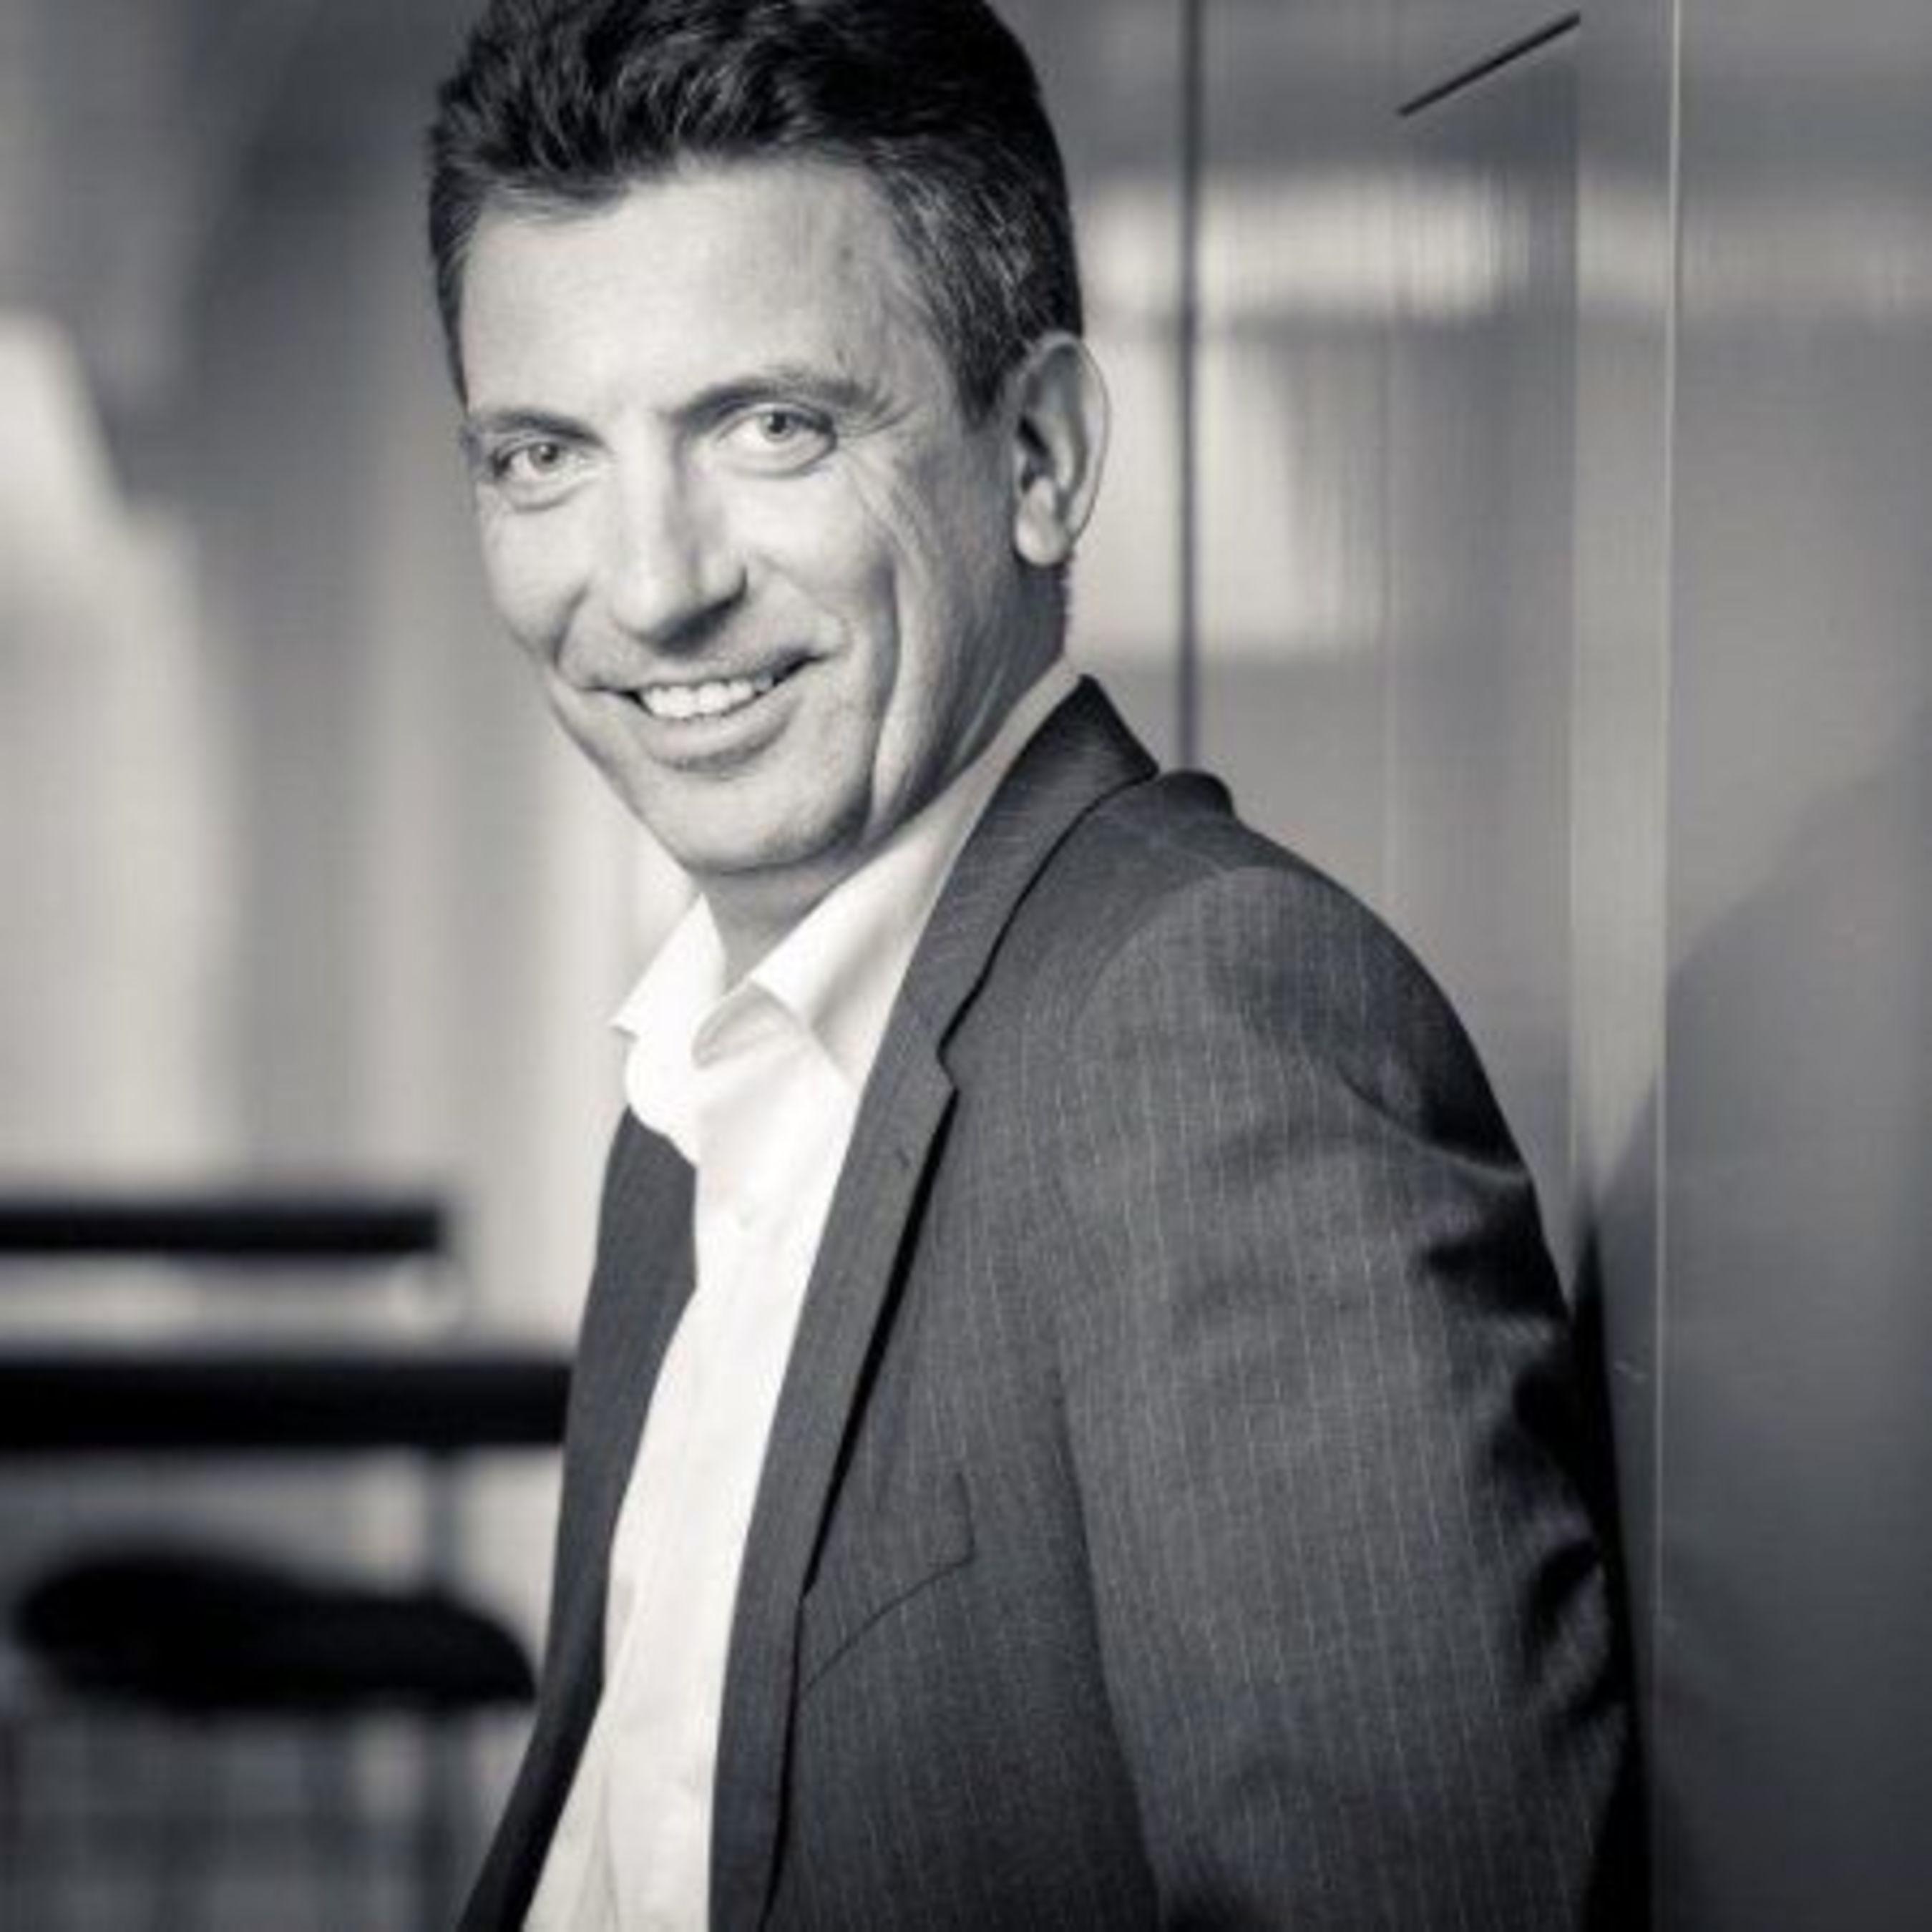 New Jedox CEO Kay-Ingo Greve (PRNewsFoto/Jedox AG)